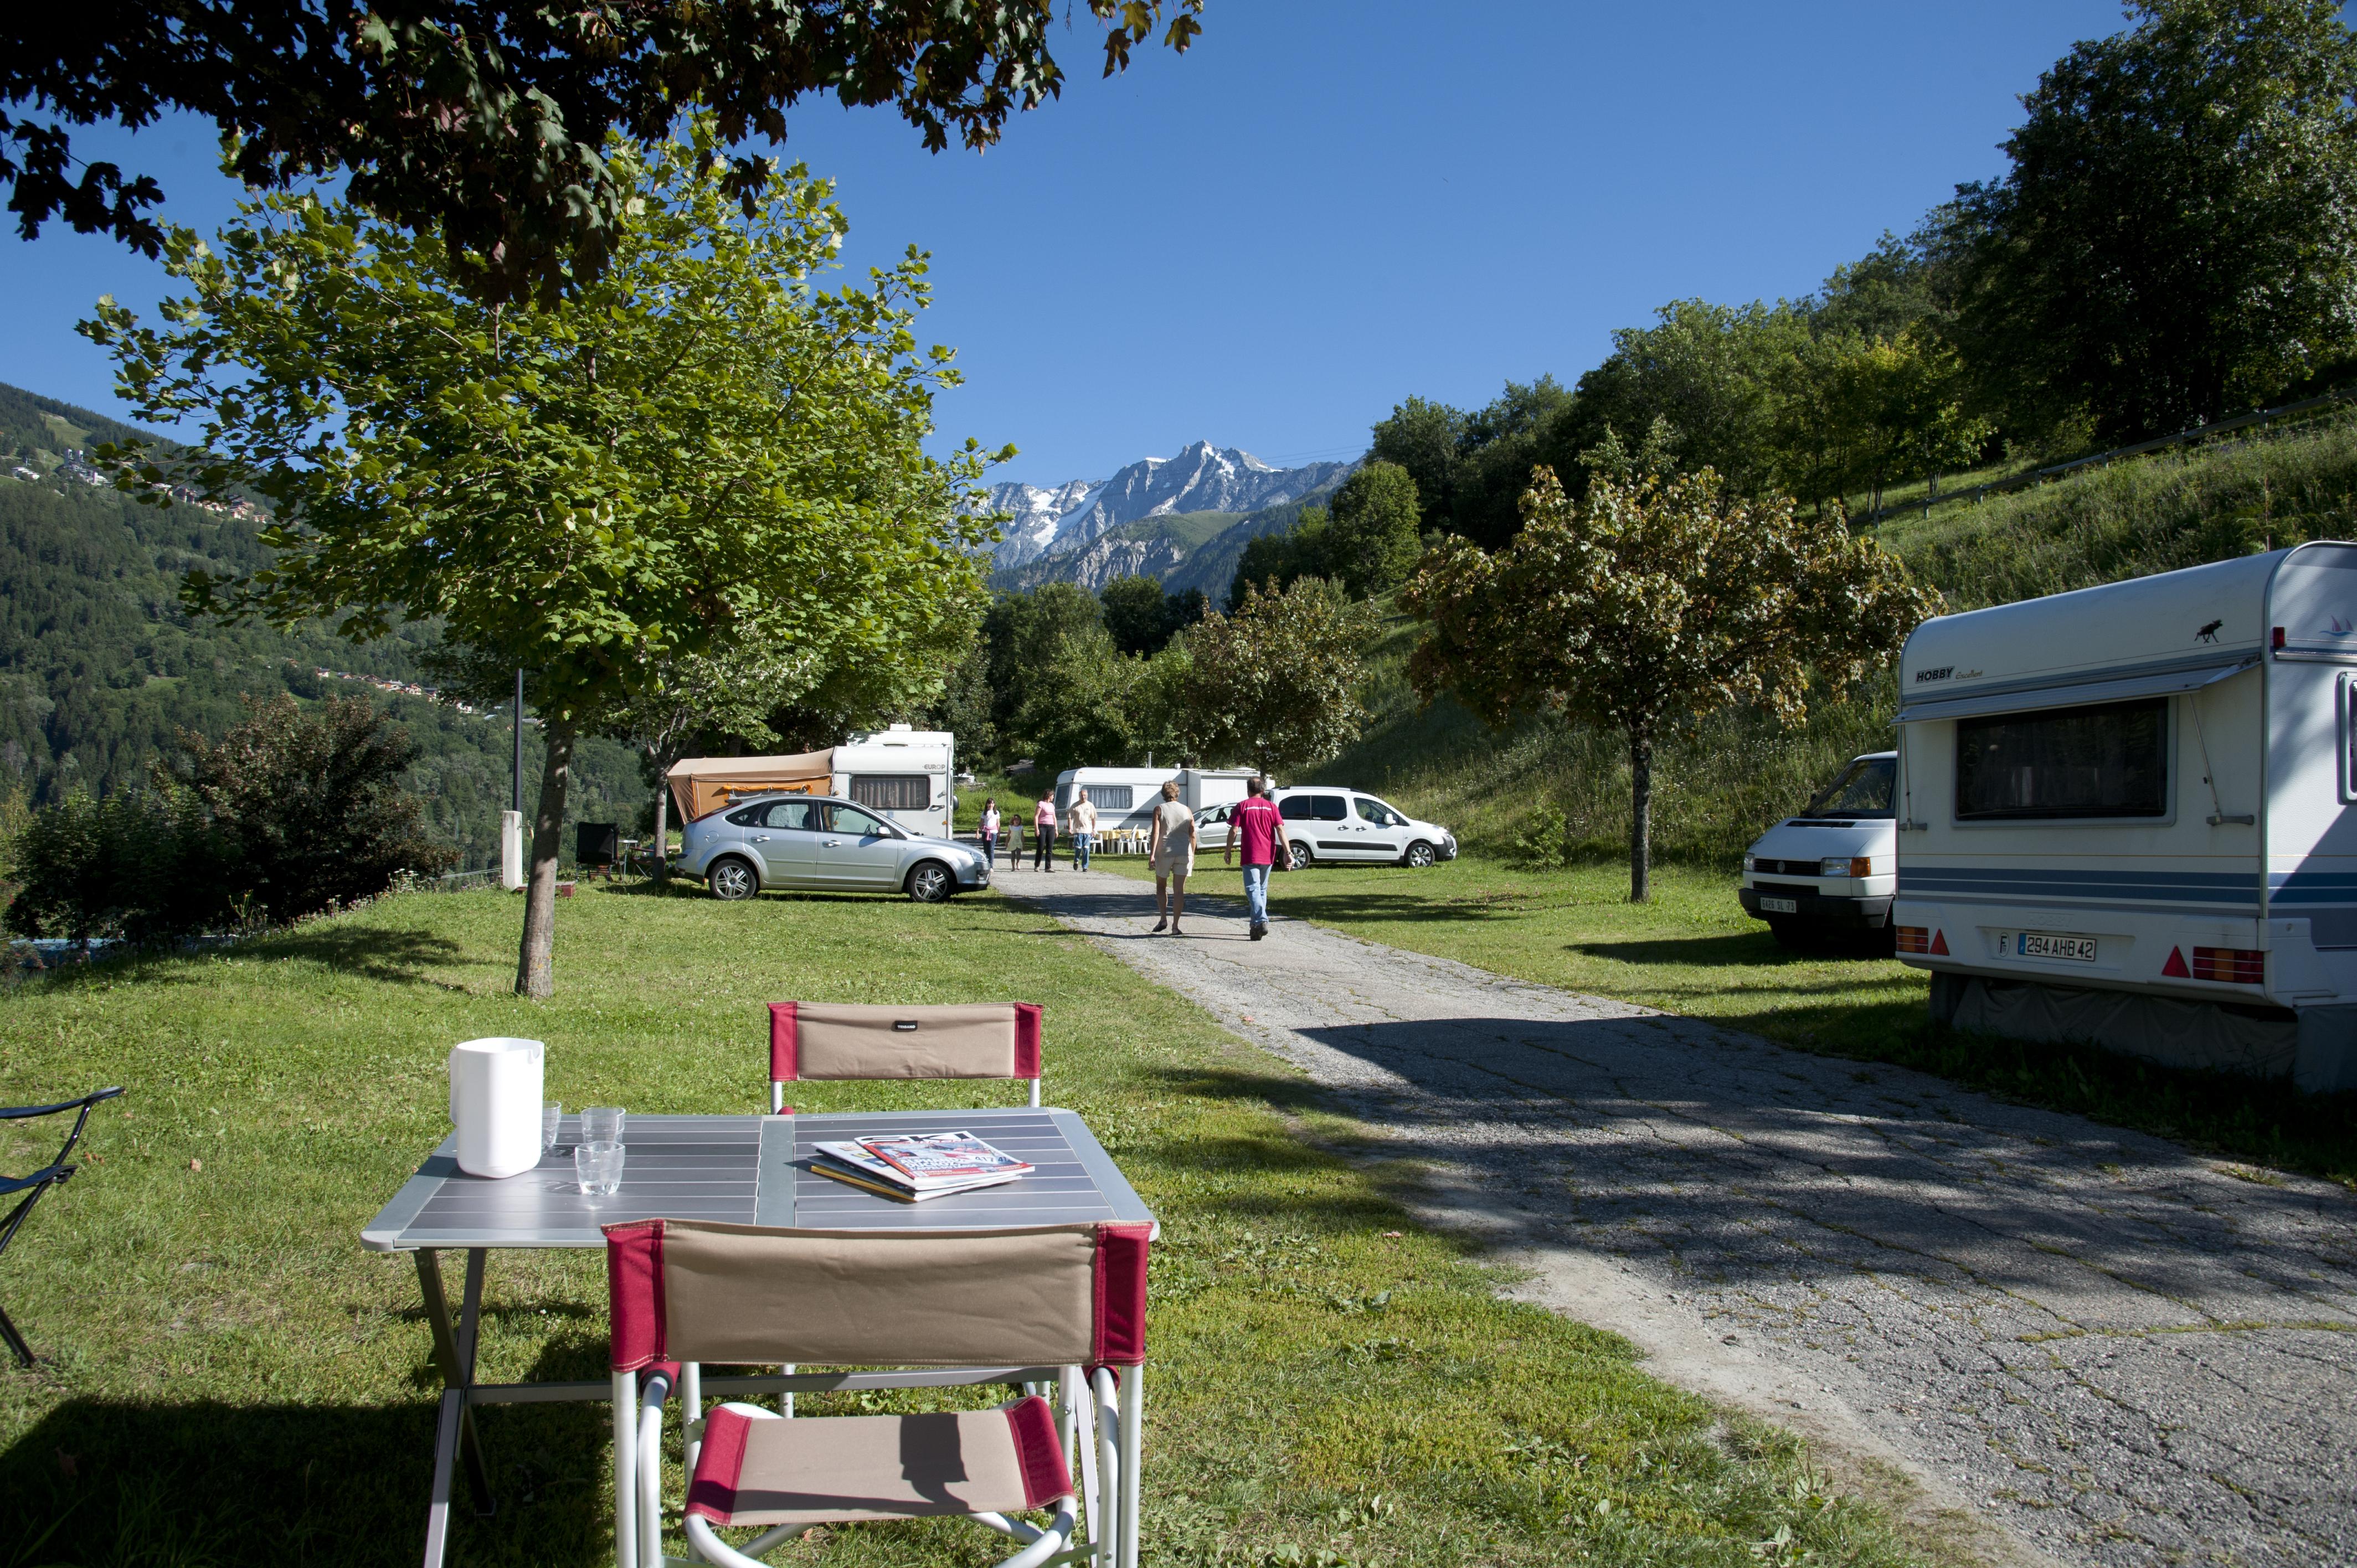 Camping Caravaneige Montchavin-La Plagne